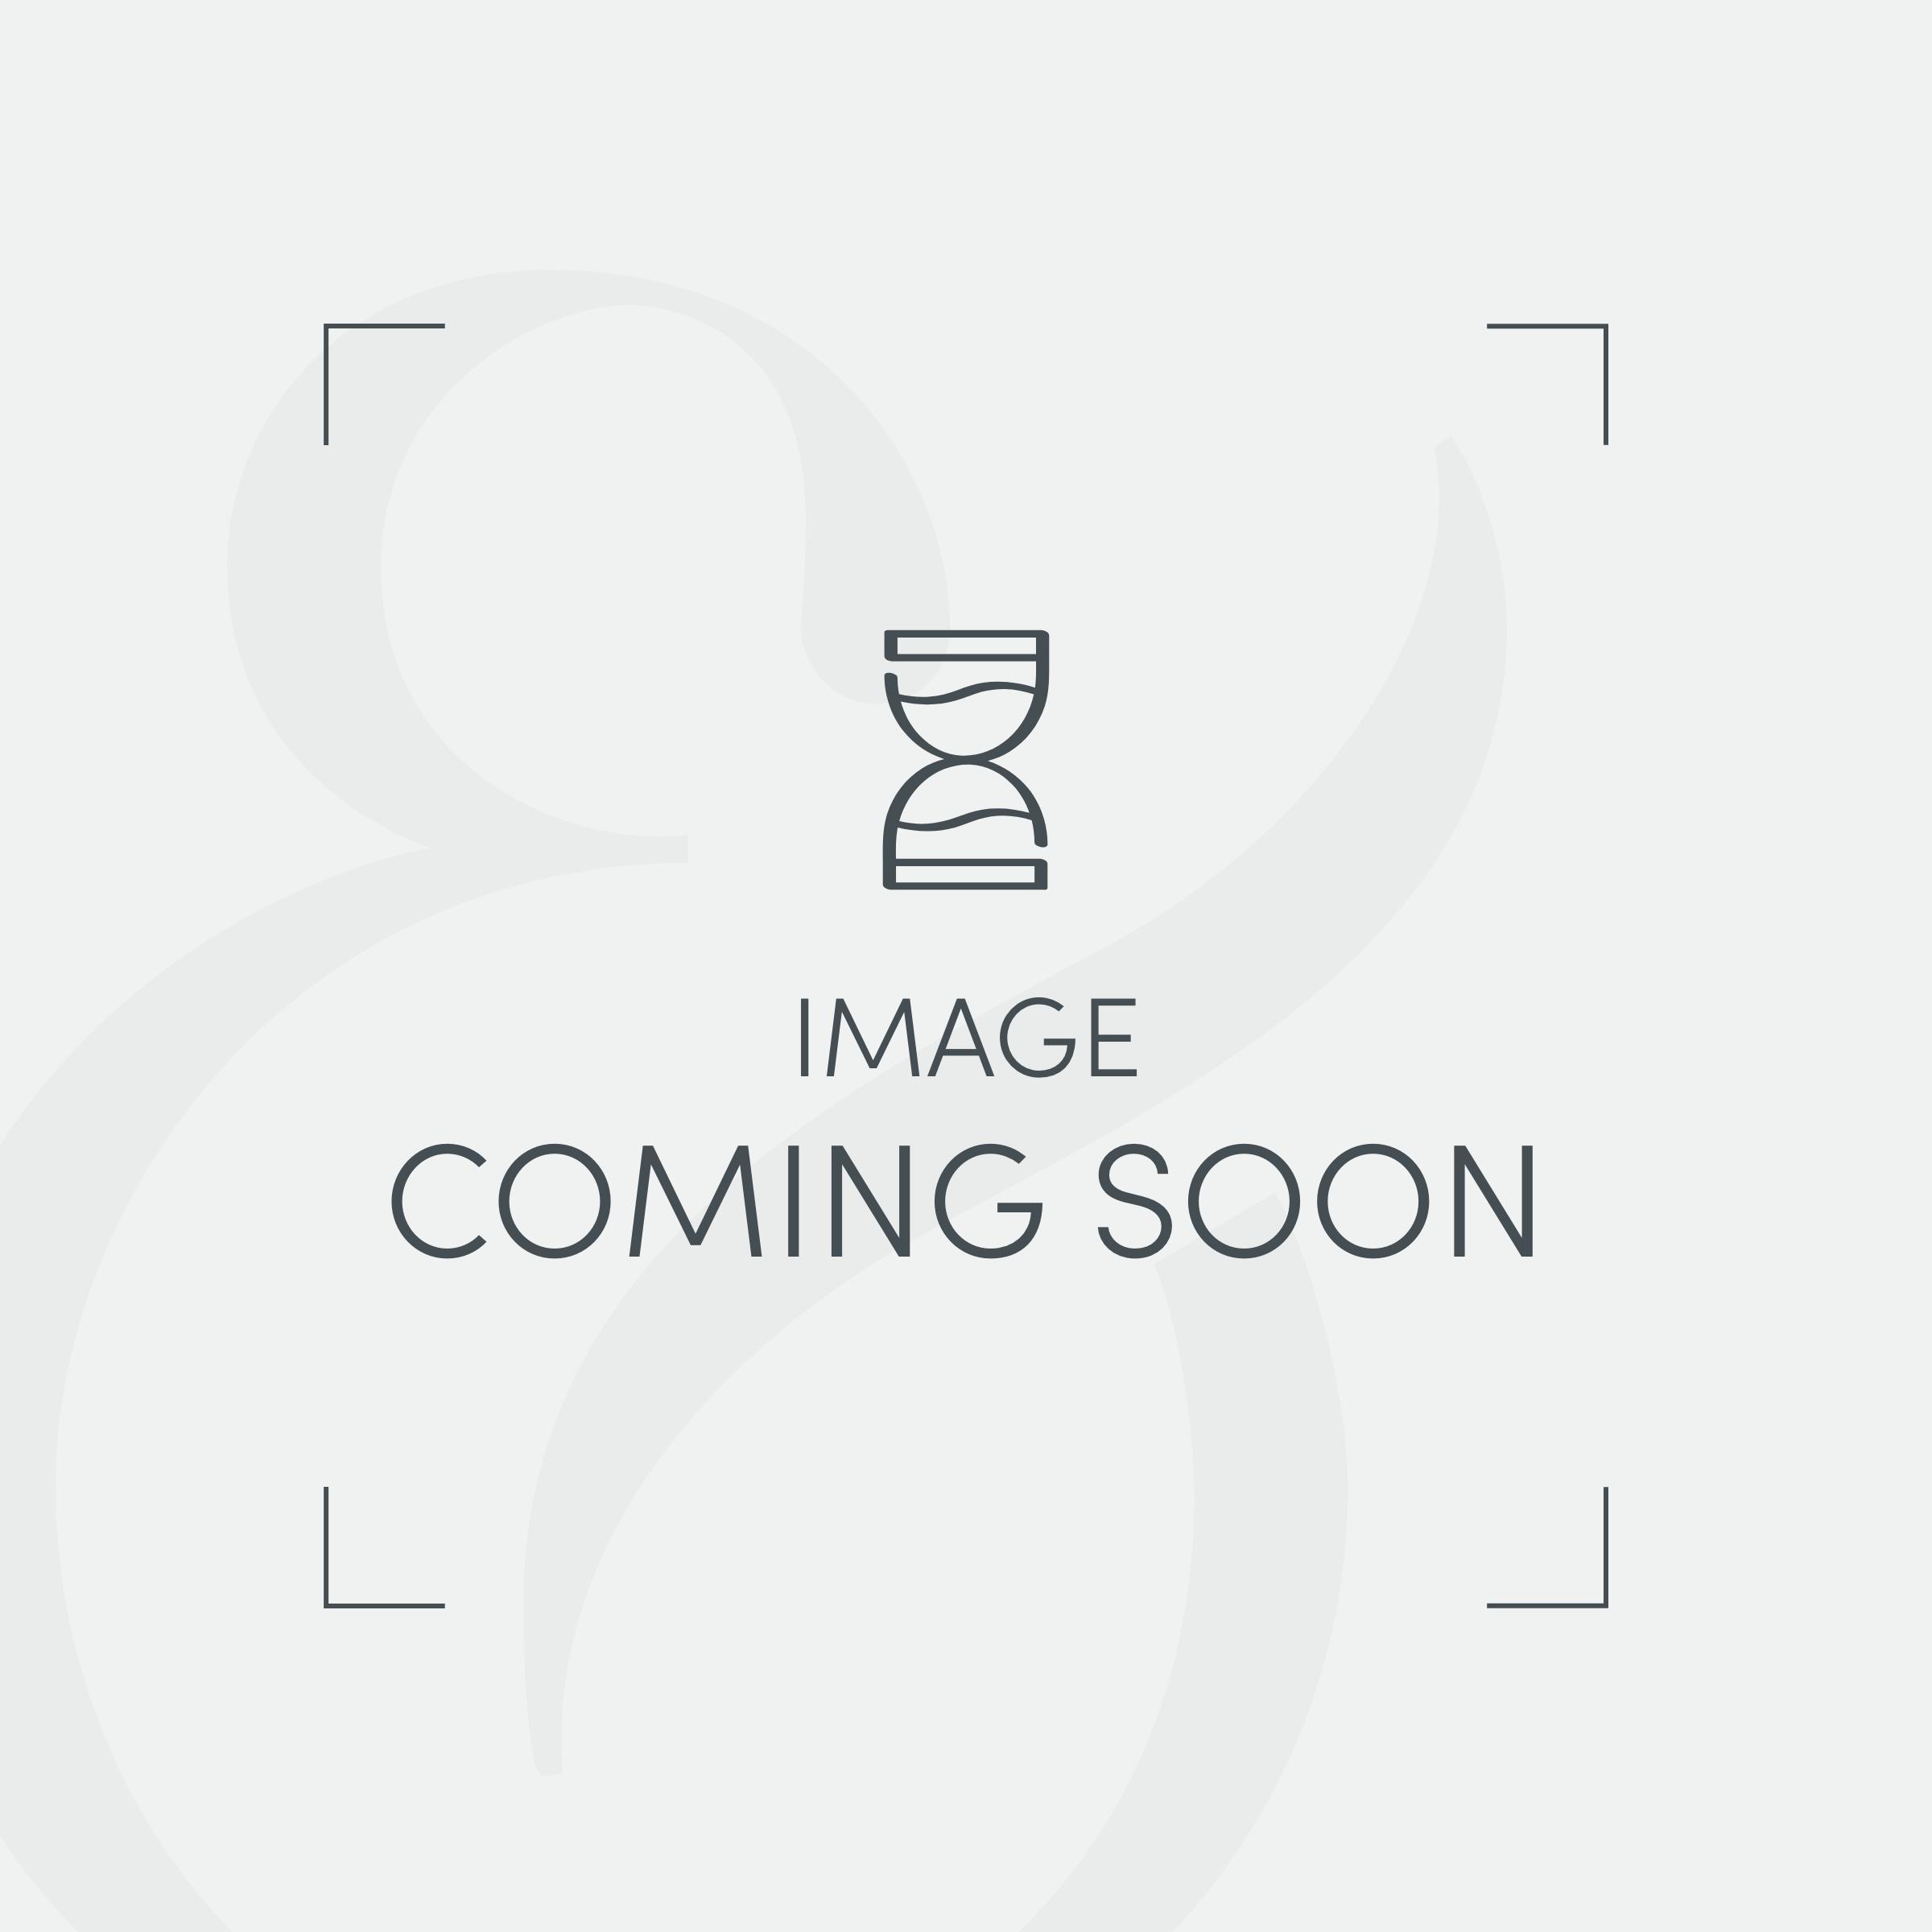 Ultimate Silk Bedspread - Double - Silver Grey